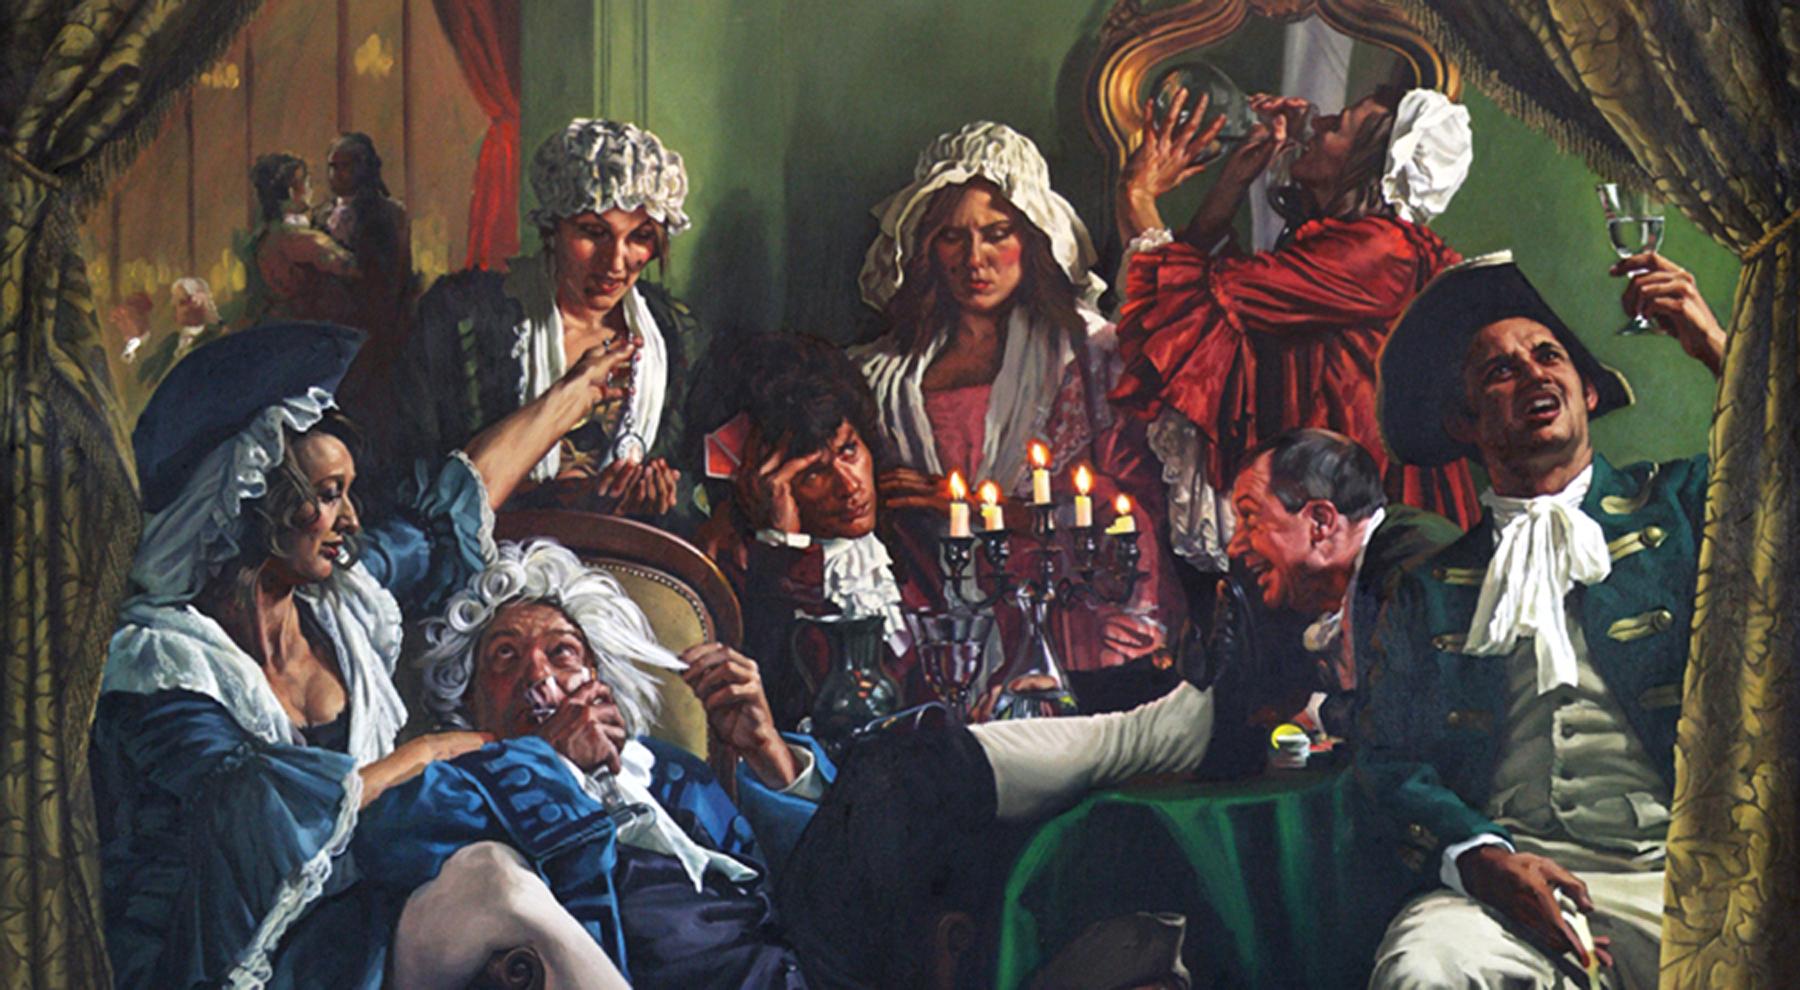 gary myatt mural artist uk